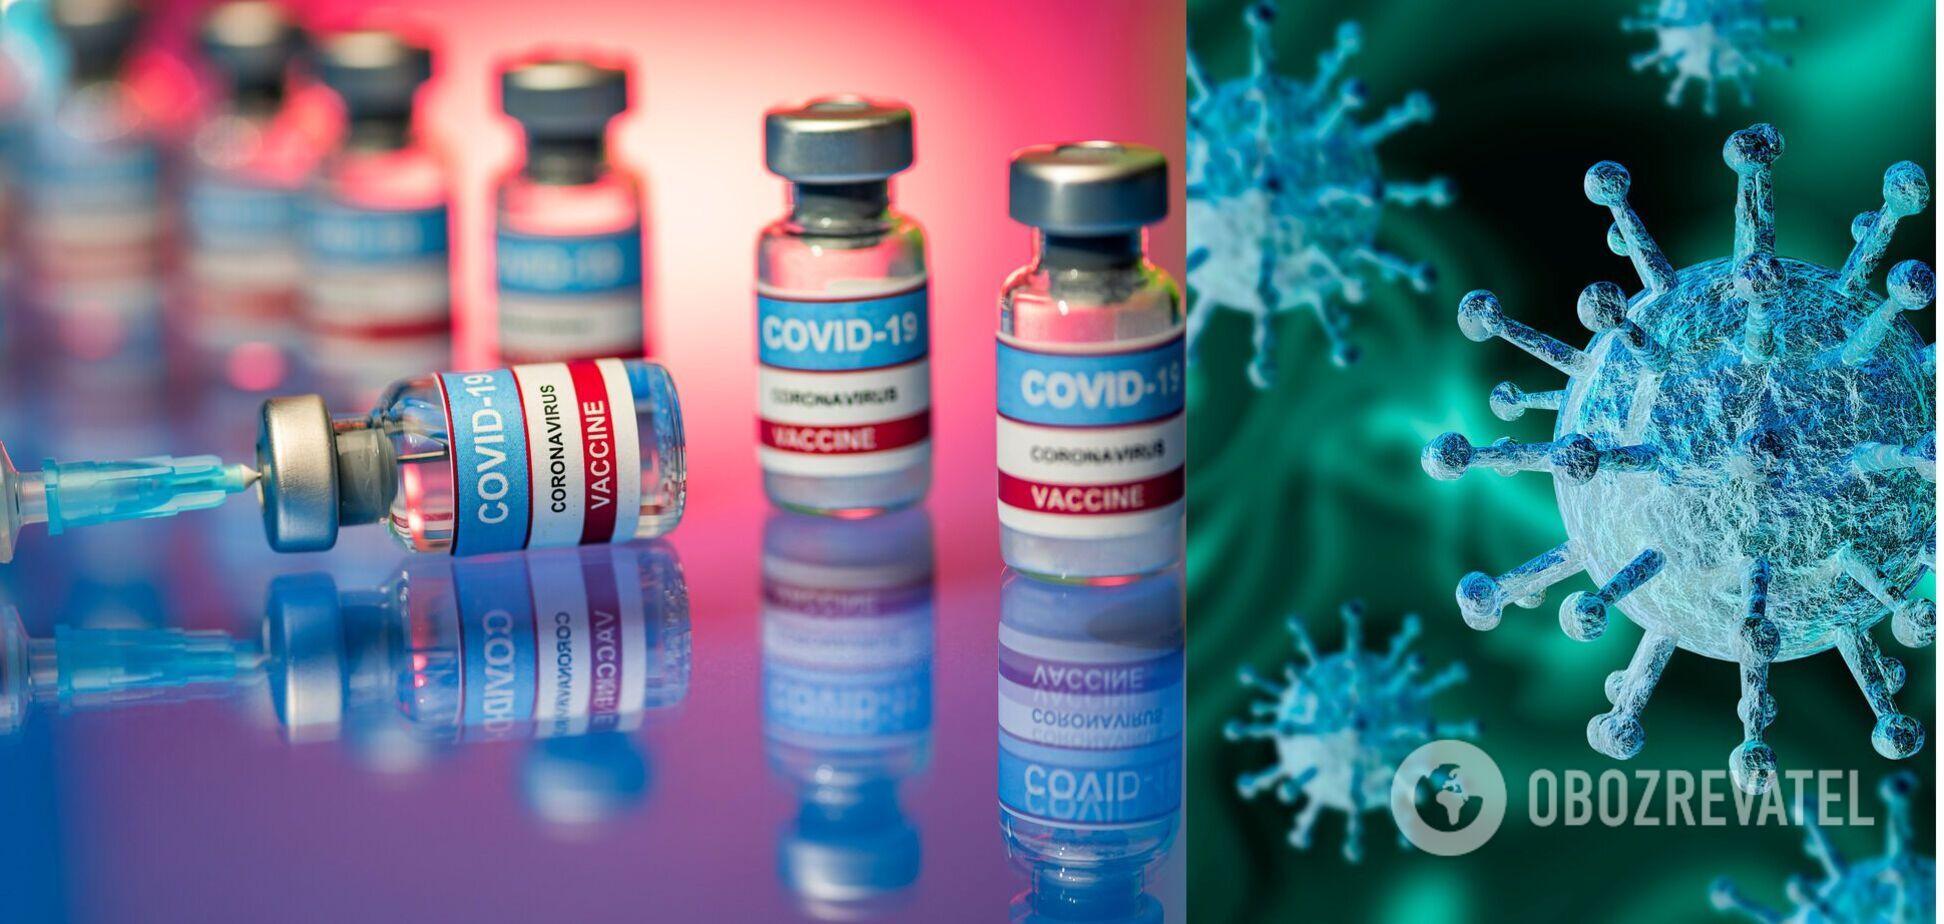 Одна вакцина от COVID-19 и гриппа: медик назвал преимущества